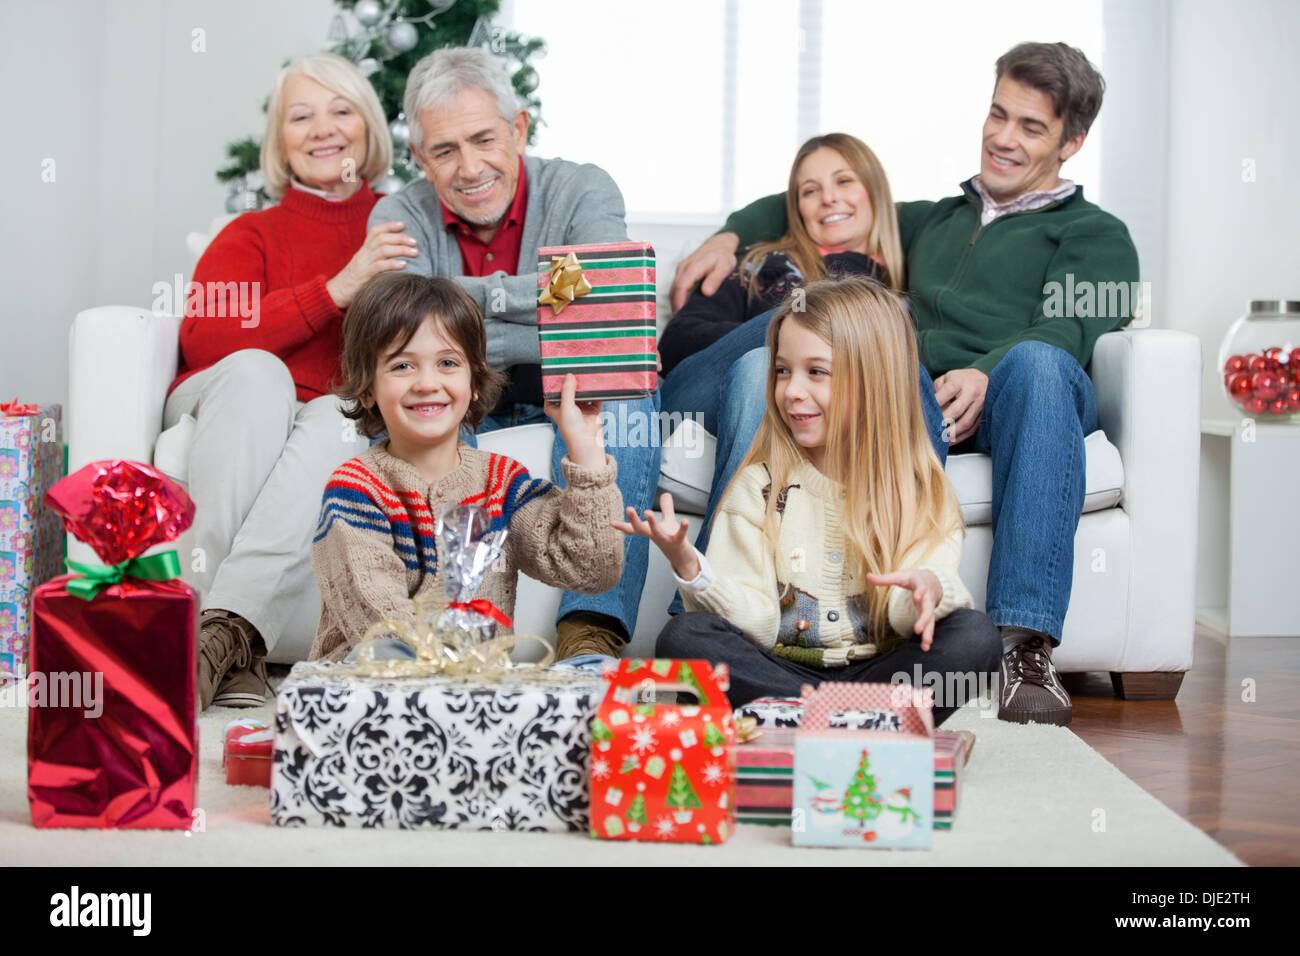 Junge hält Weihnachtsgeschenk mit Familie im Haus Stockfoto, Bild ...